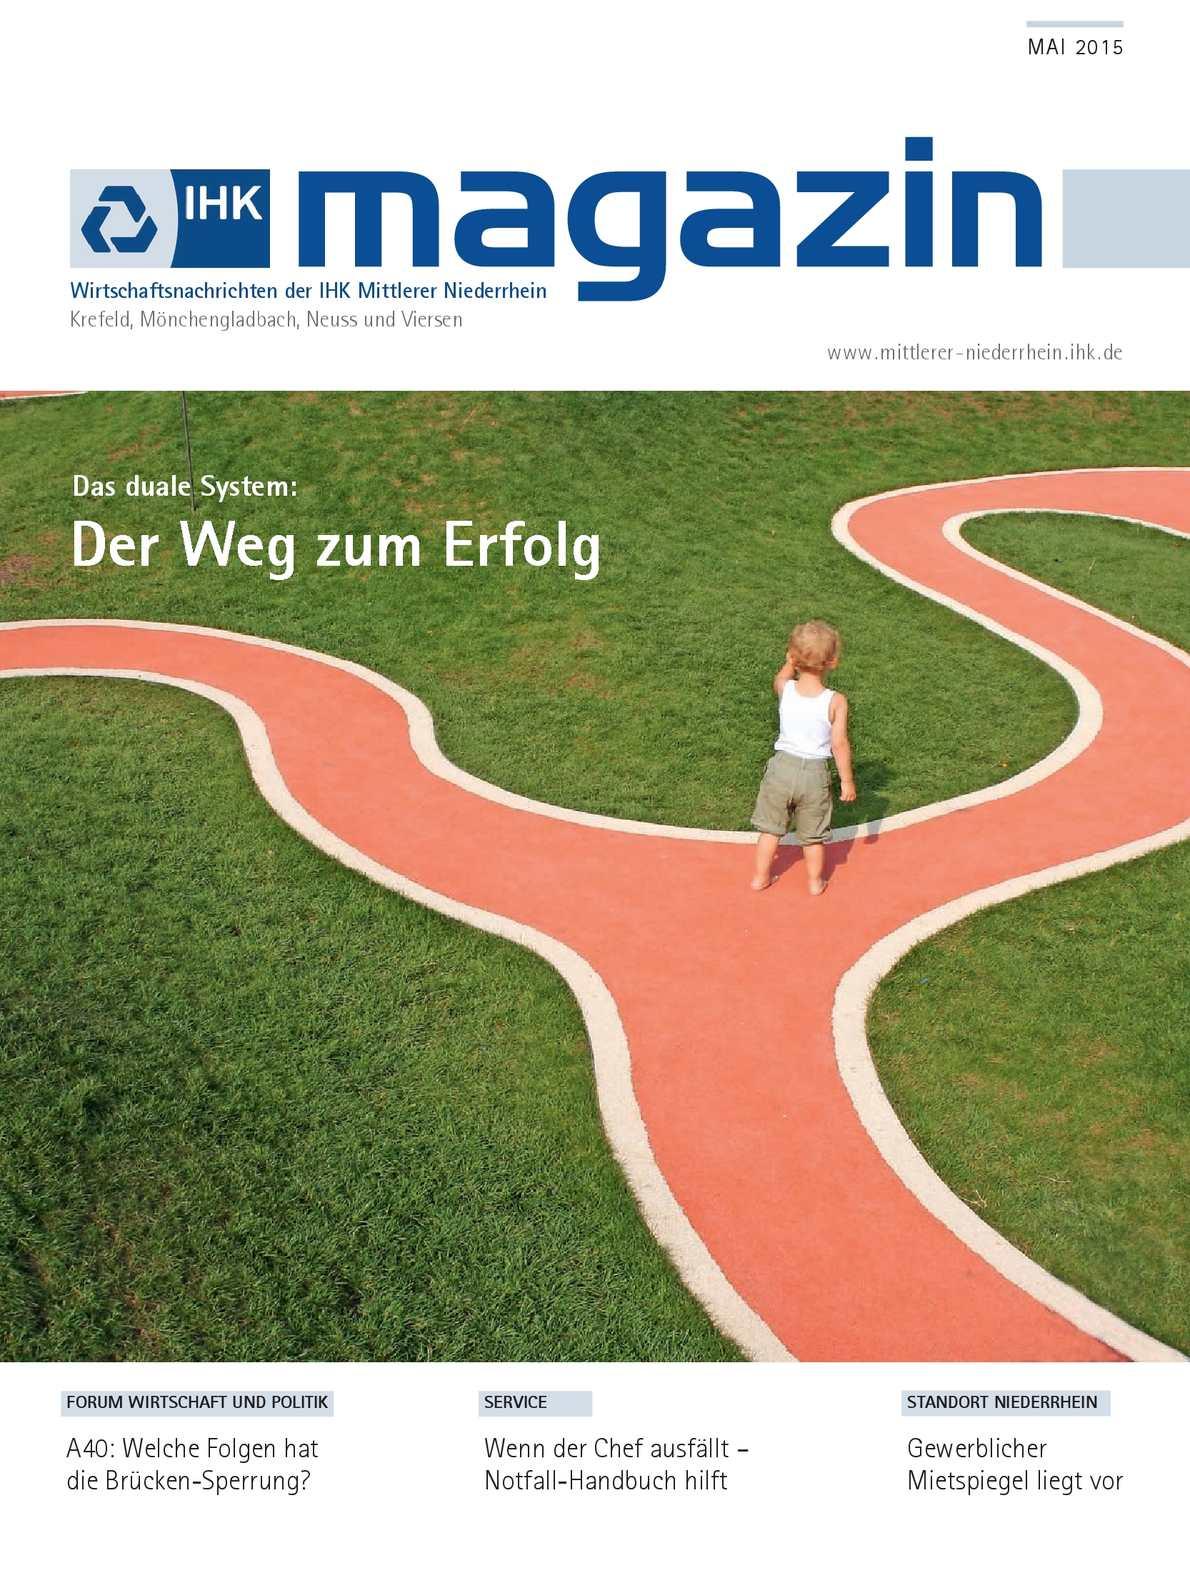 Calaméo - IHK Magazin Mai 2015